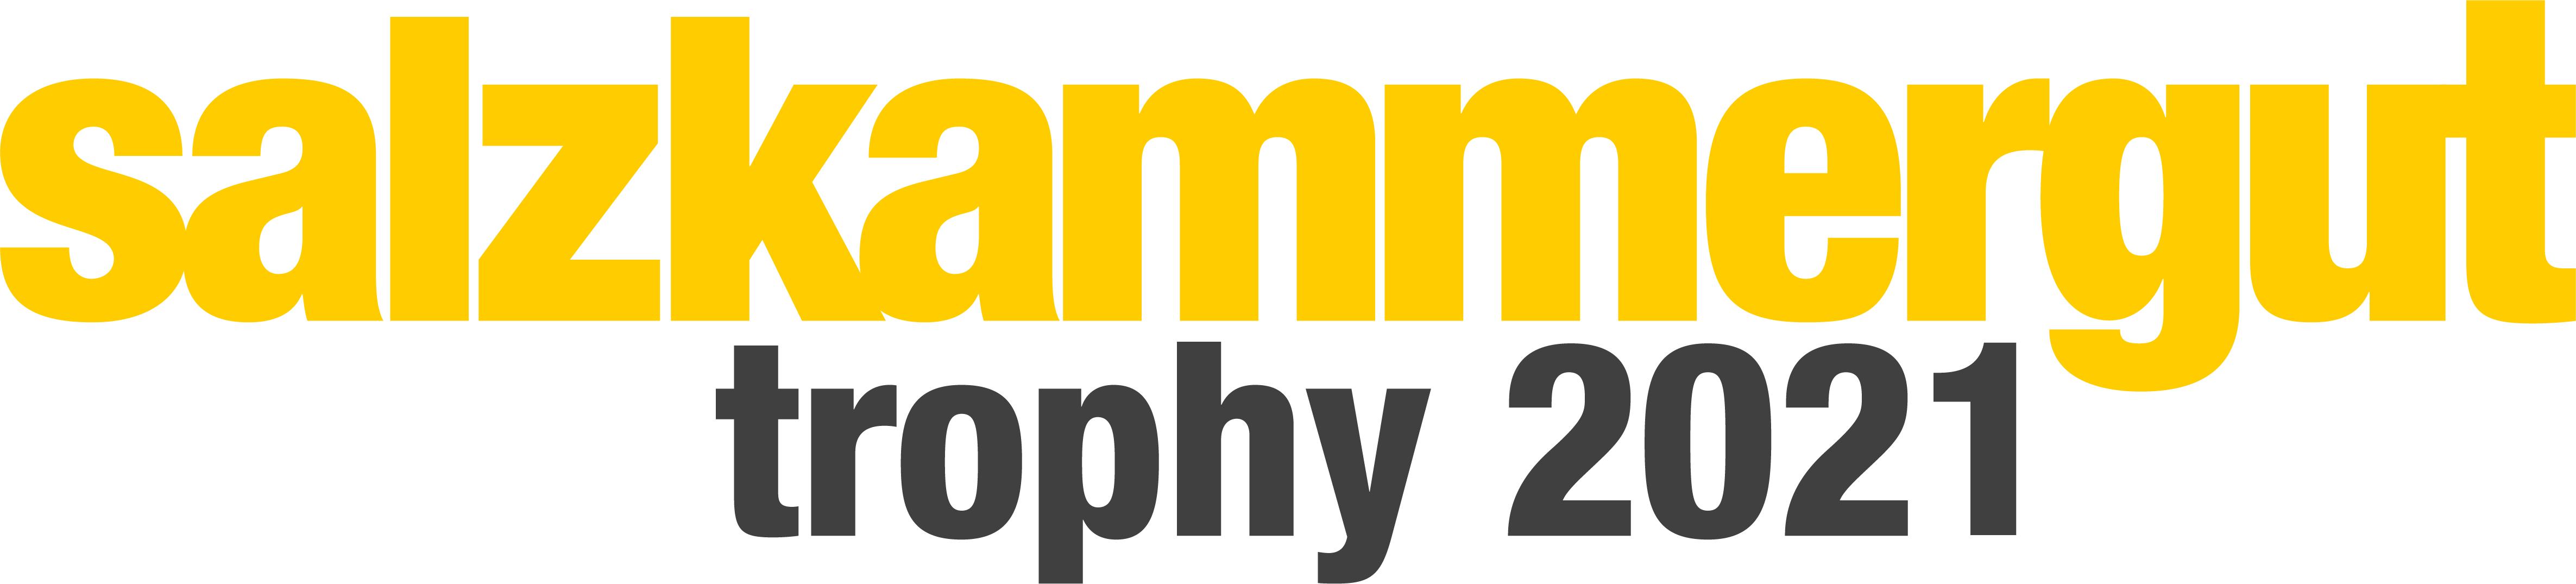 Výsledek obrázku pro logo salzkammergut trophy